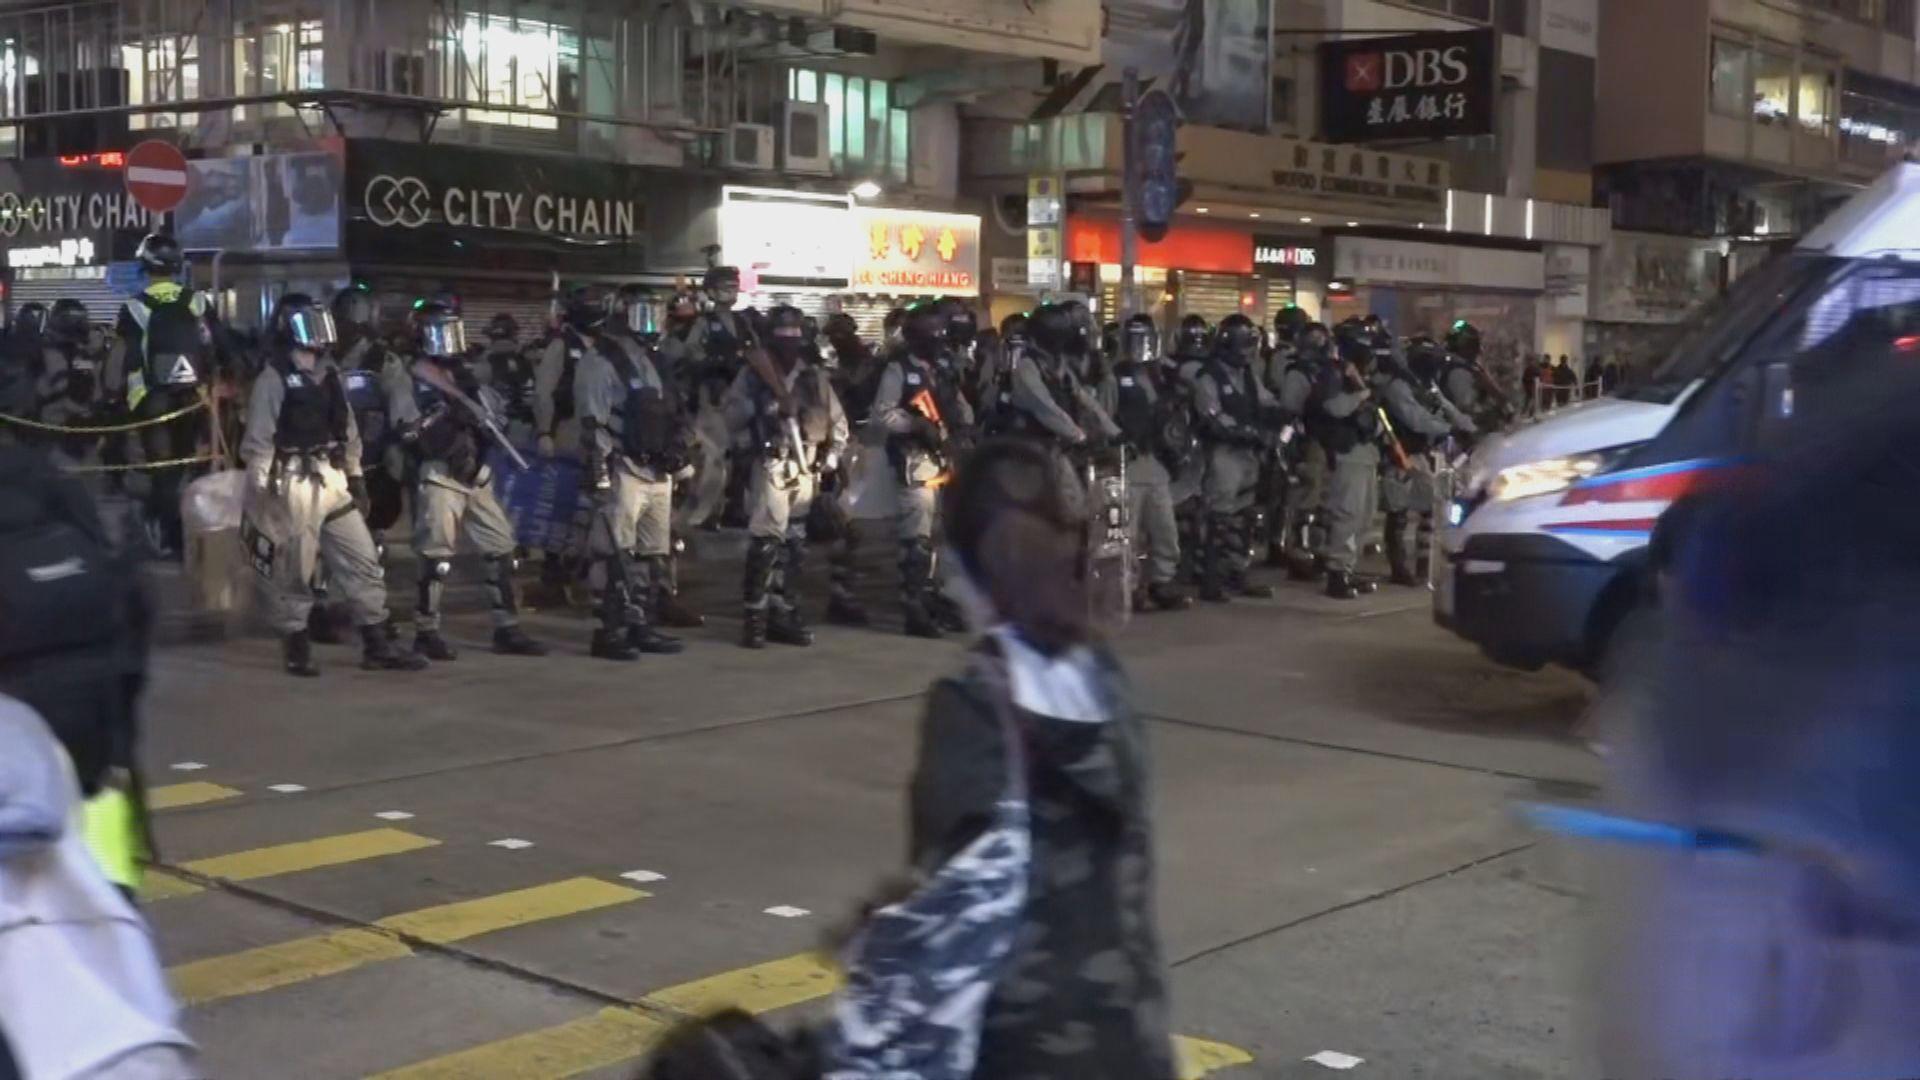 旺角有人堵路 大批防暴警察持槍戒備